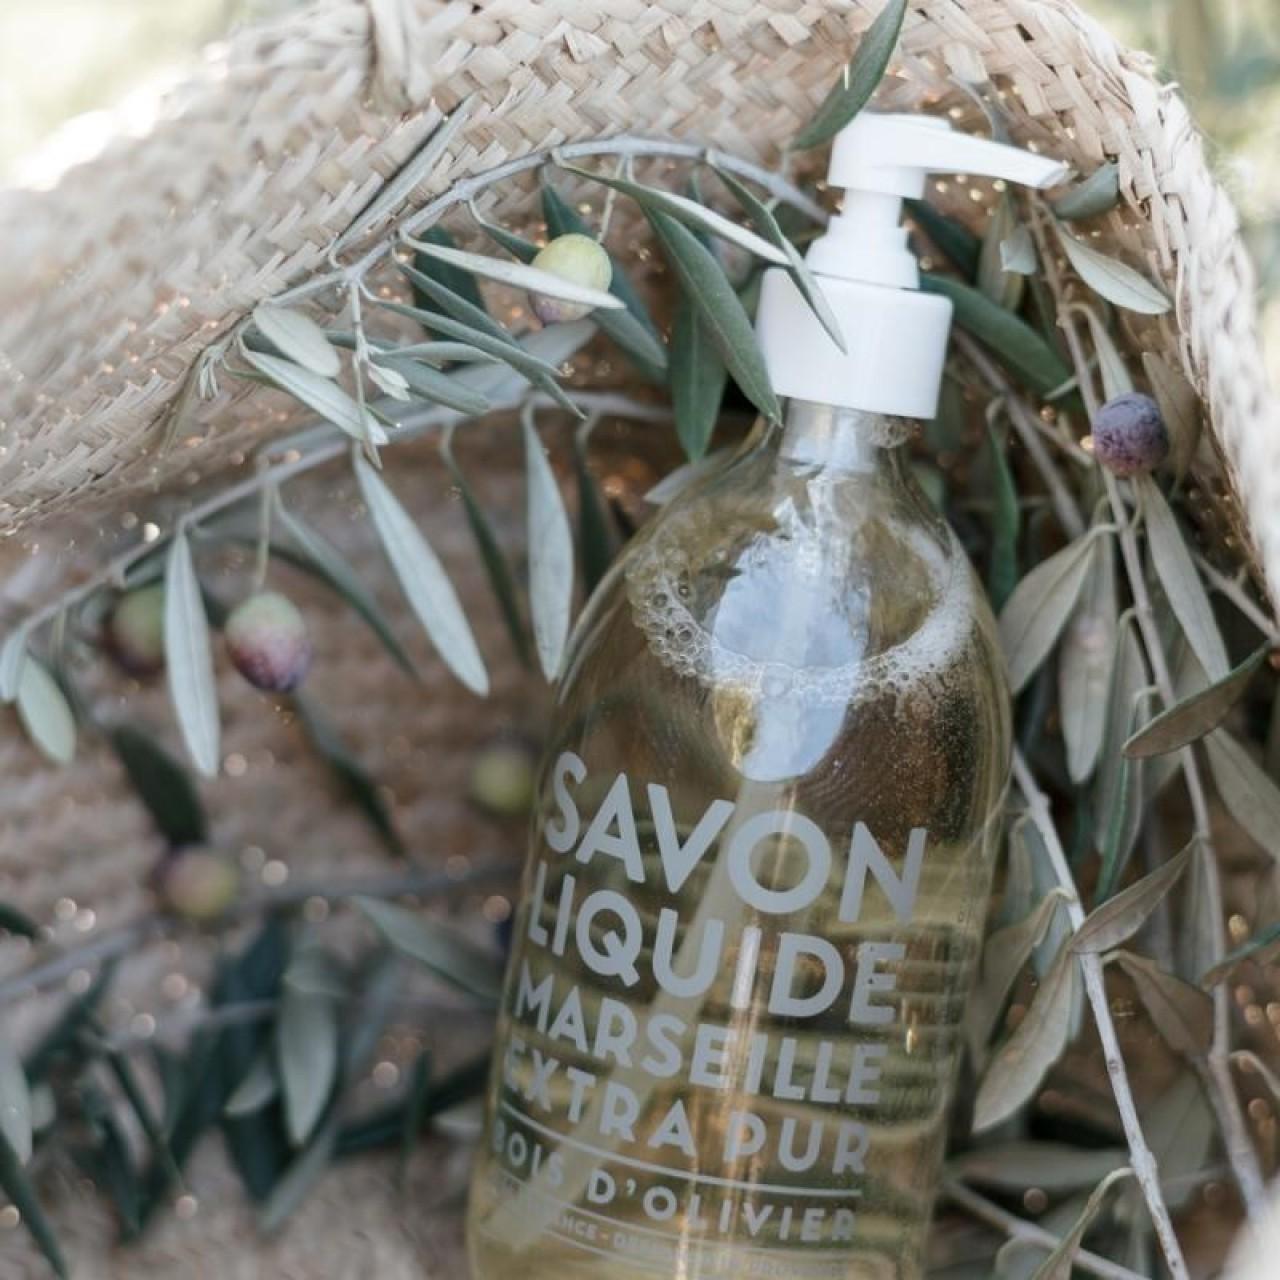 Sapone Liquido di Marsiglia al Legno dUlivo 500 ml Compagnie de Provence Italia CPPF0101SL500BO-01